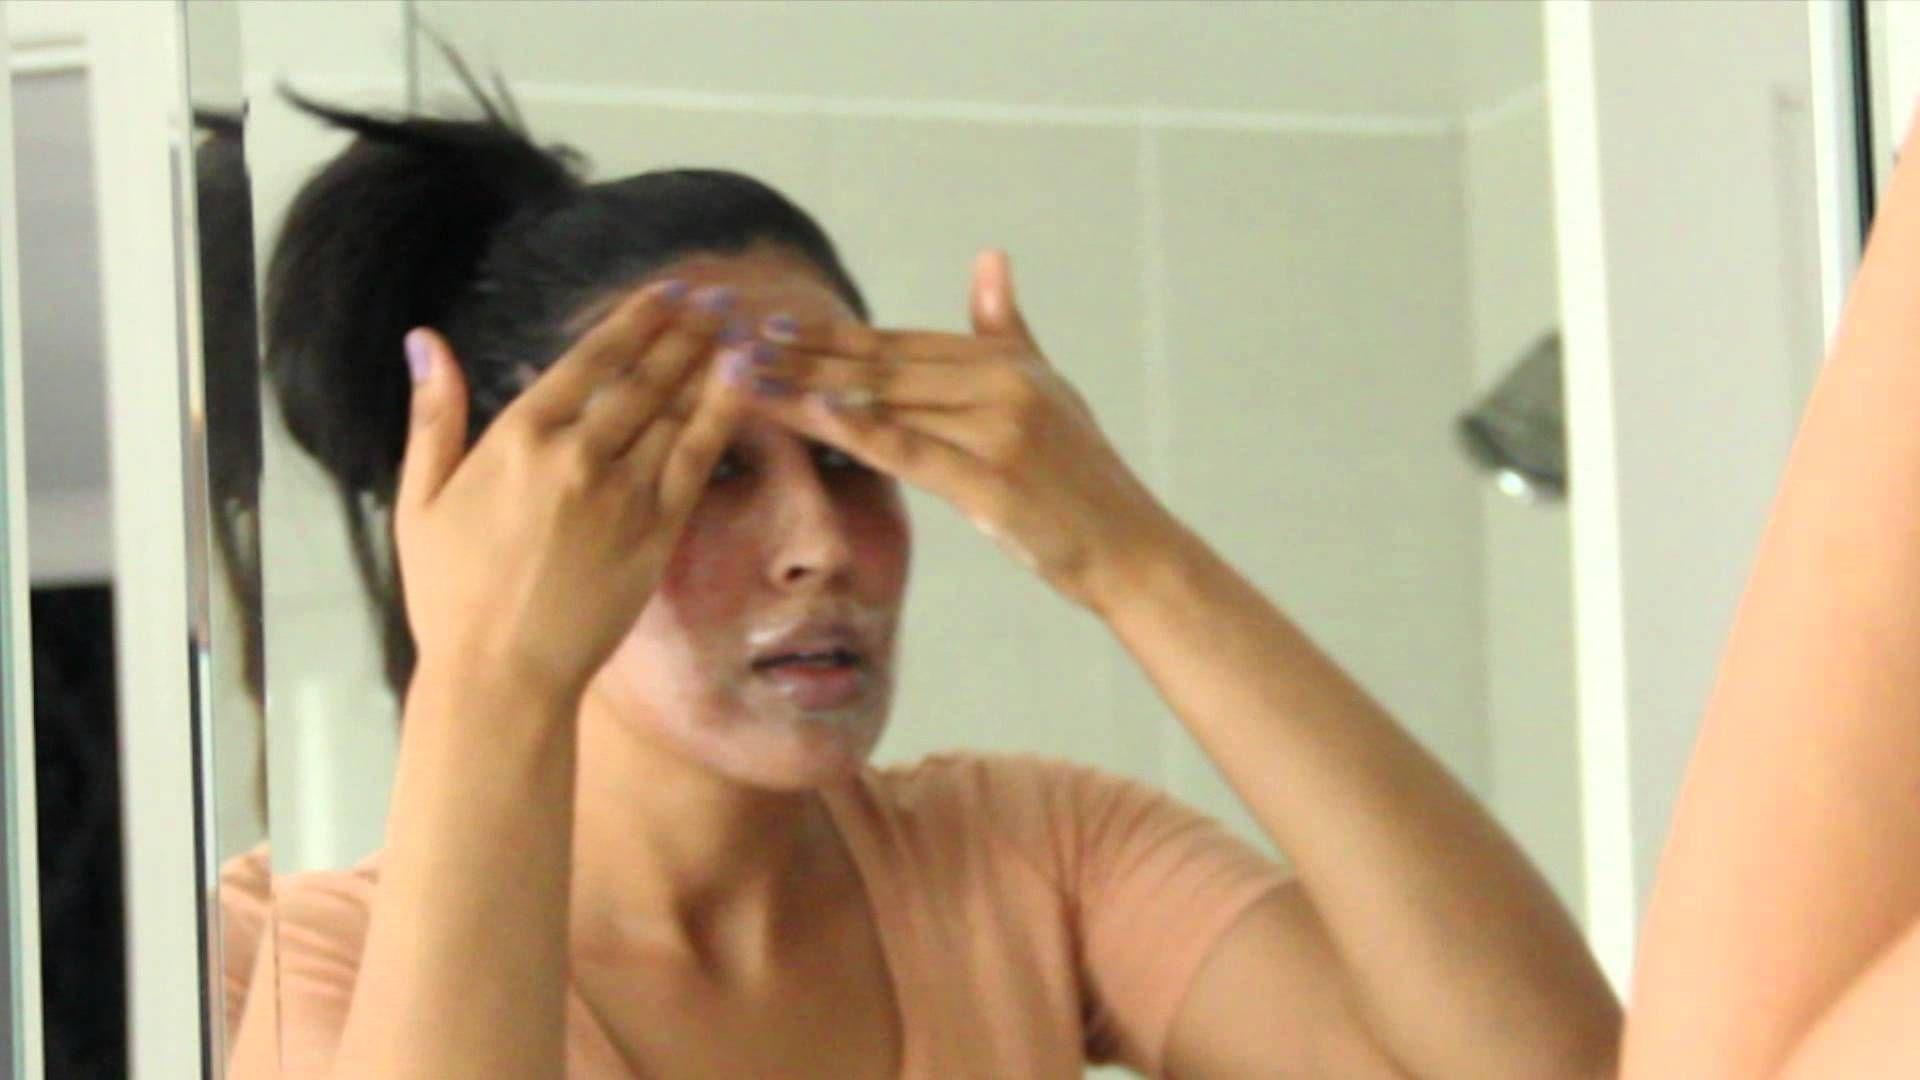 El mejor limpiador para piel seca, piel grasa, piel propensa al acné-9305